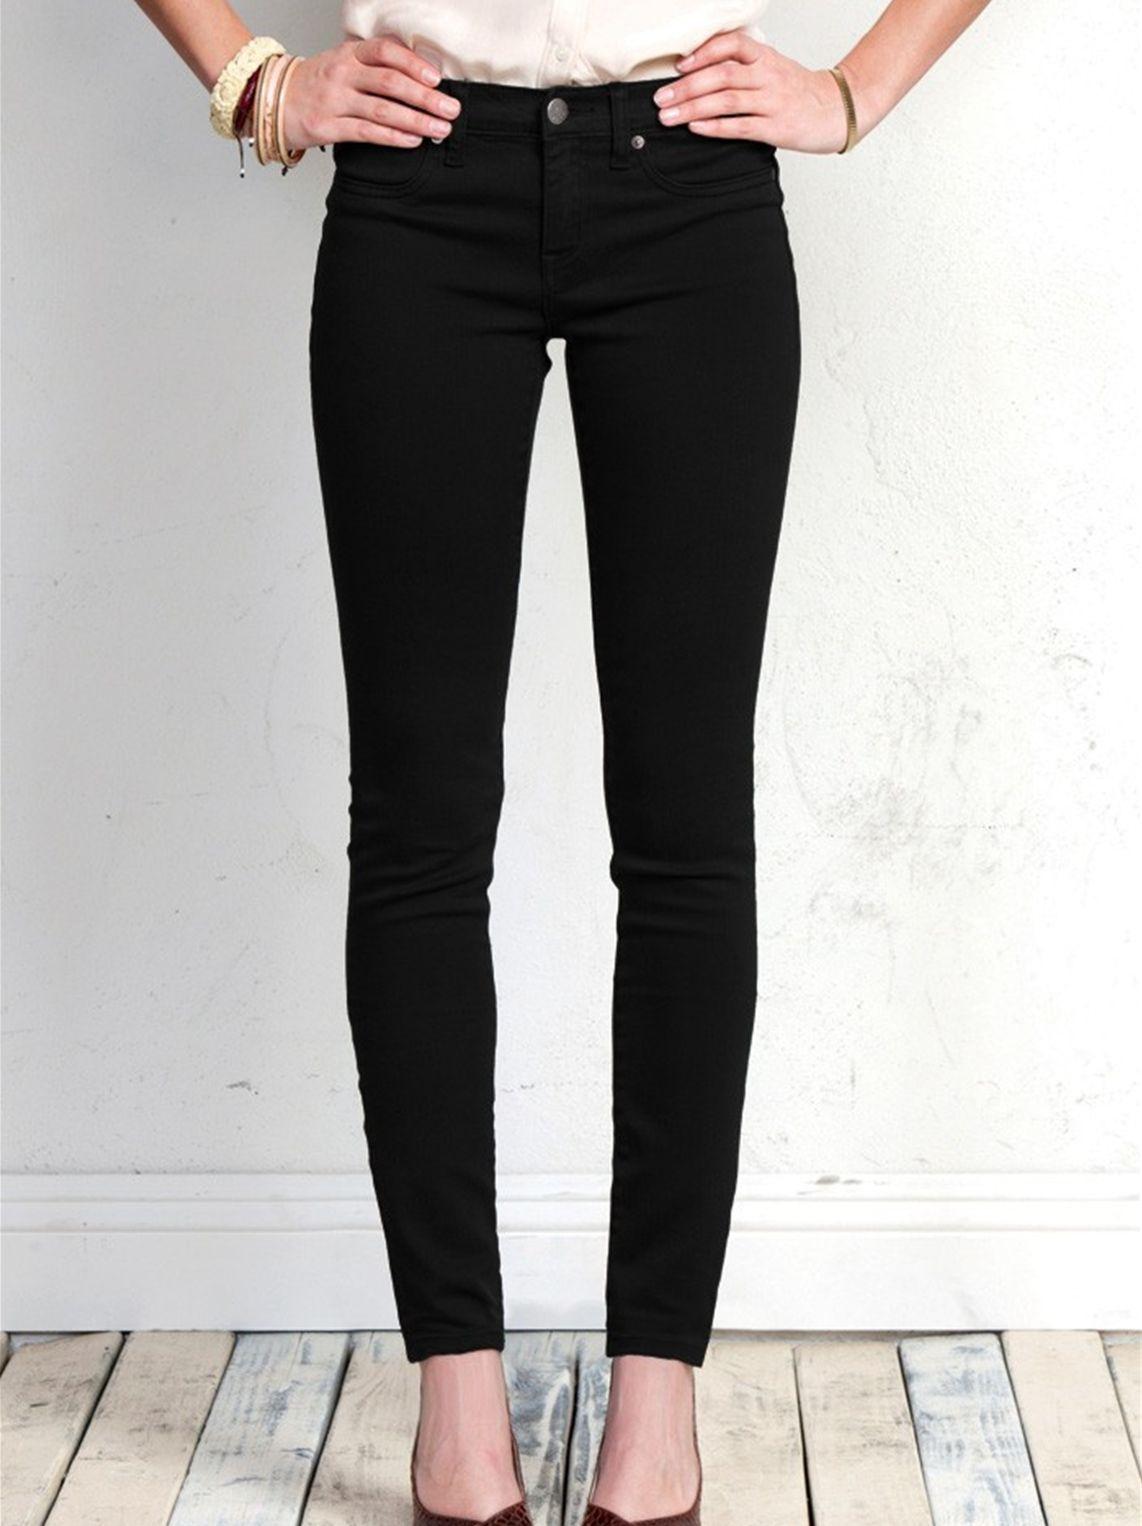 Women/'s Henry /& Belle Super Skinny Ankle Jean in Pitch